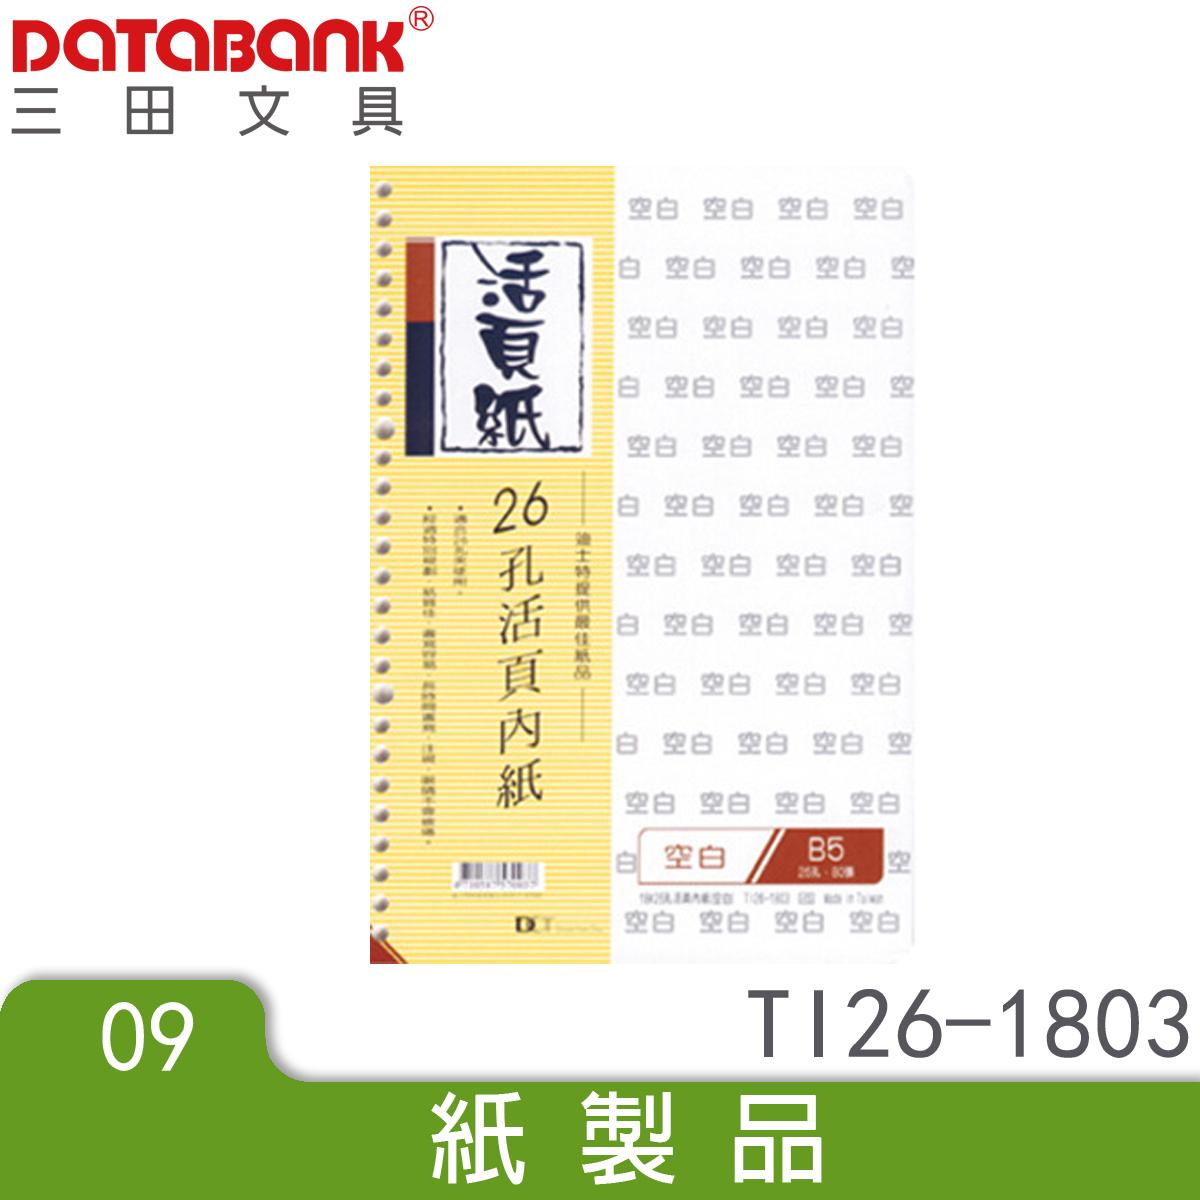 18K 26孔空白活頁紙TI26-1803文件紀錄紙描繪製圖紙文件夾可用DATABANK